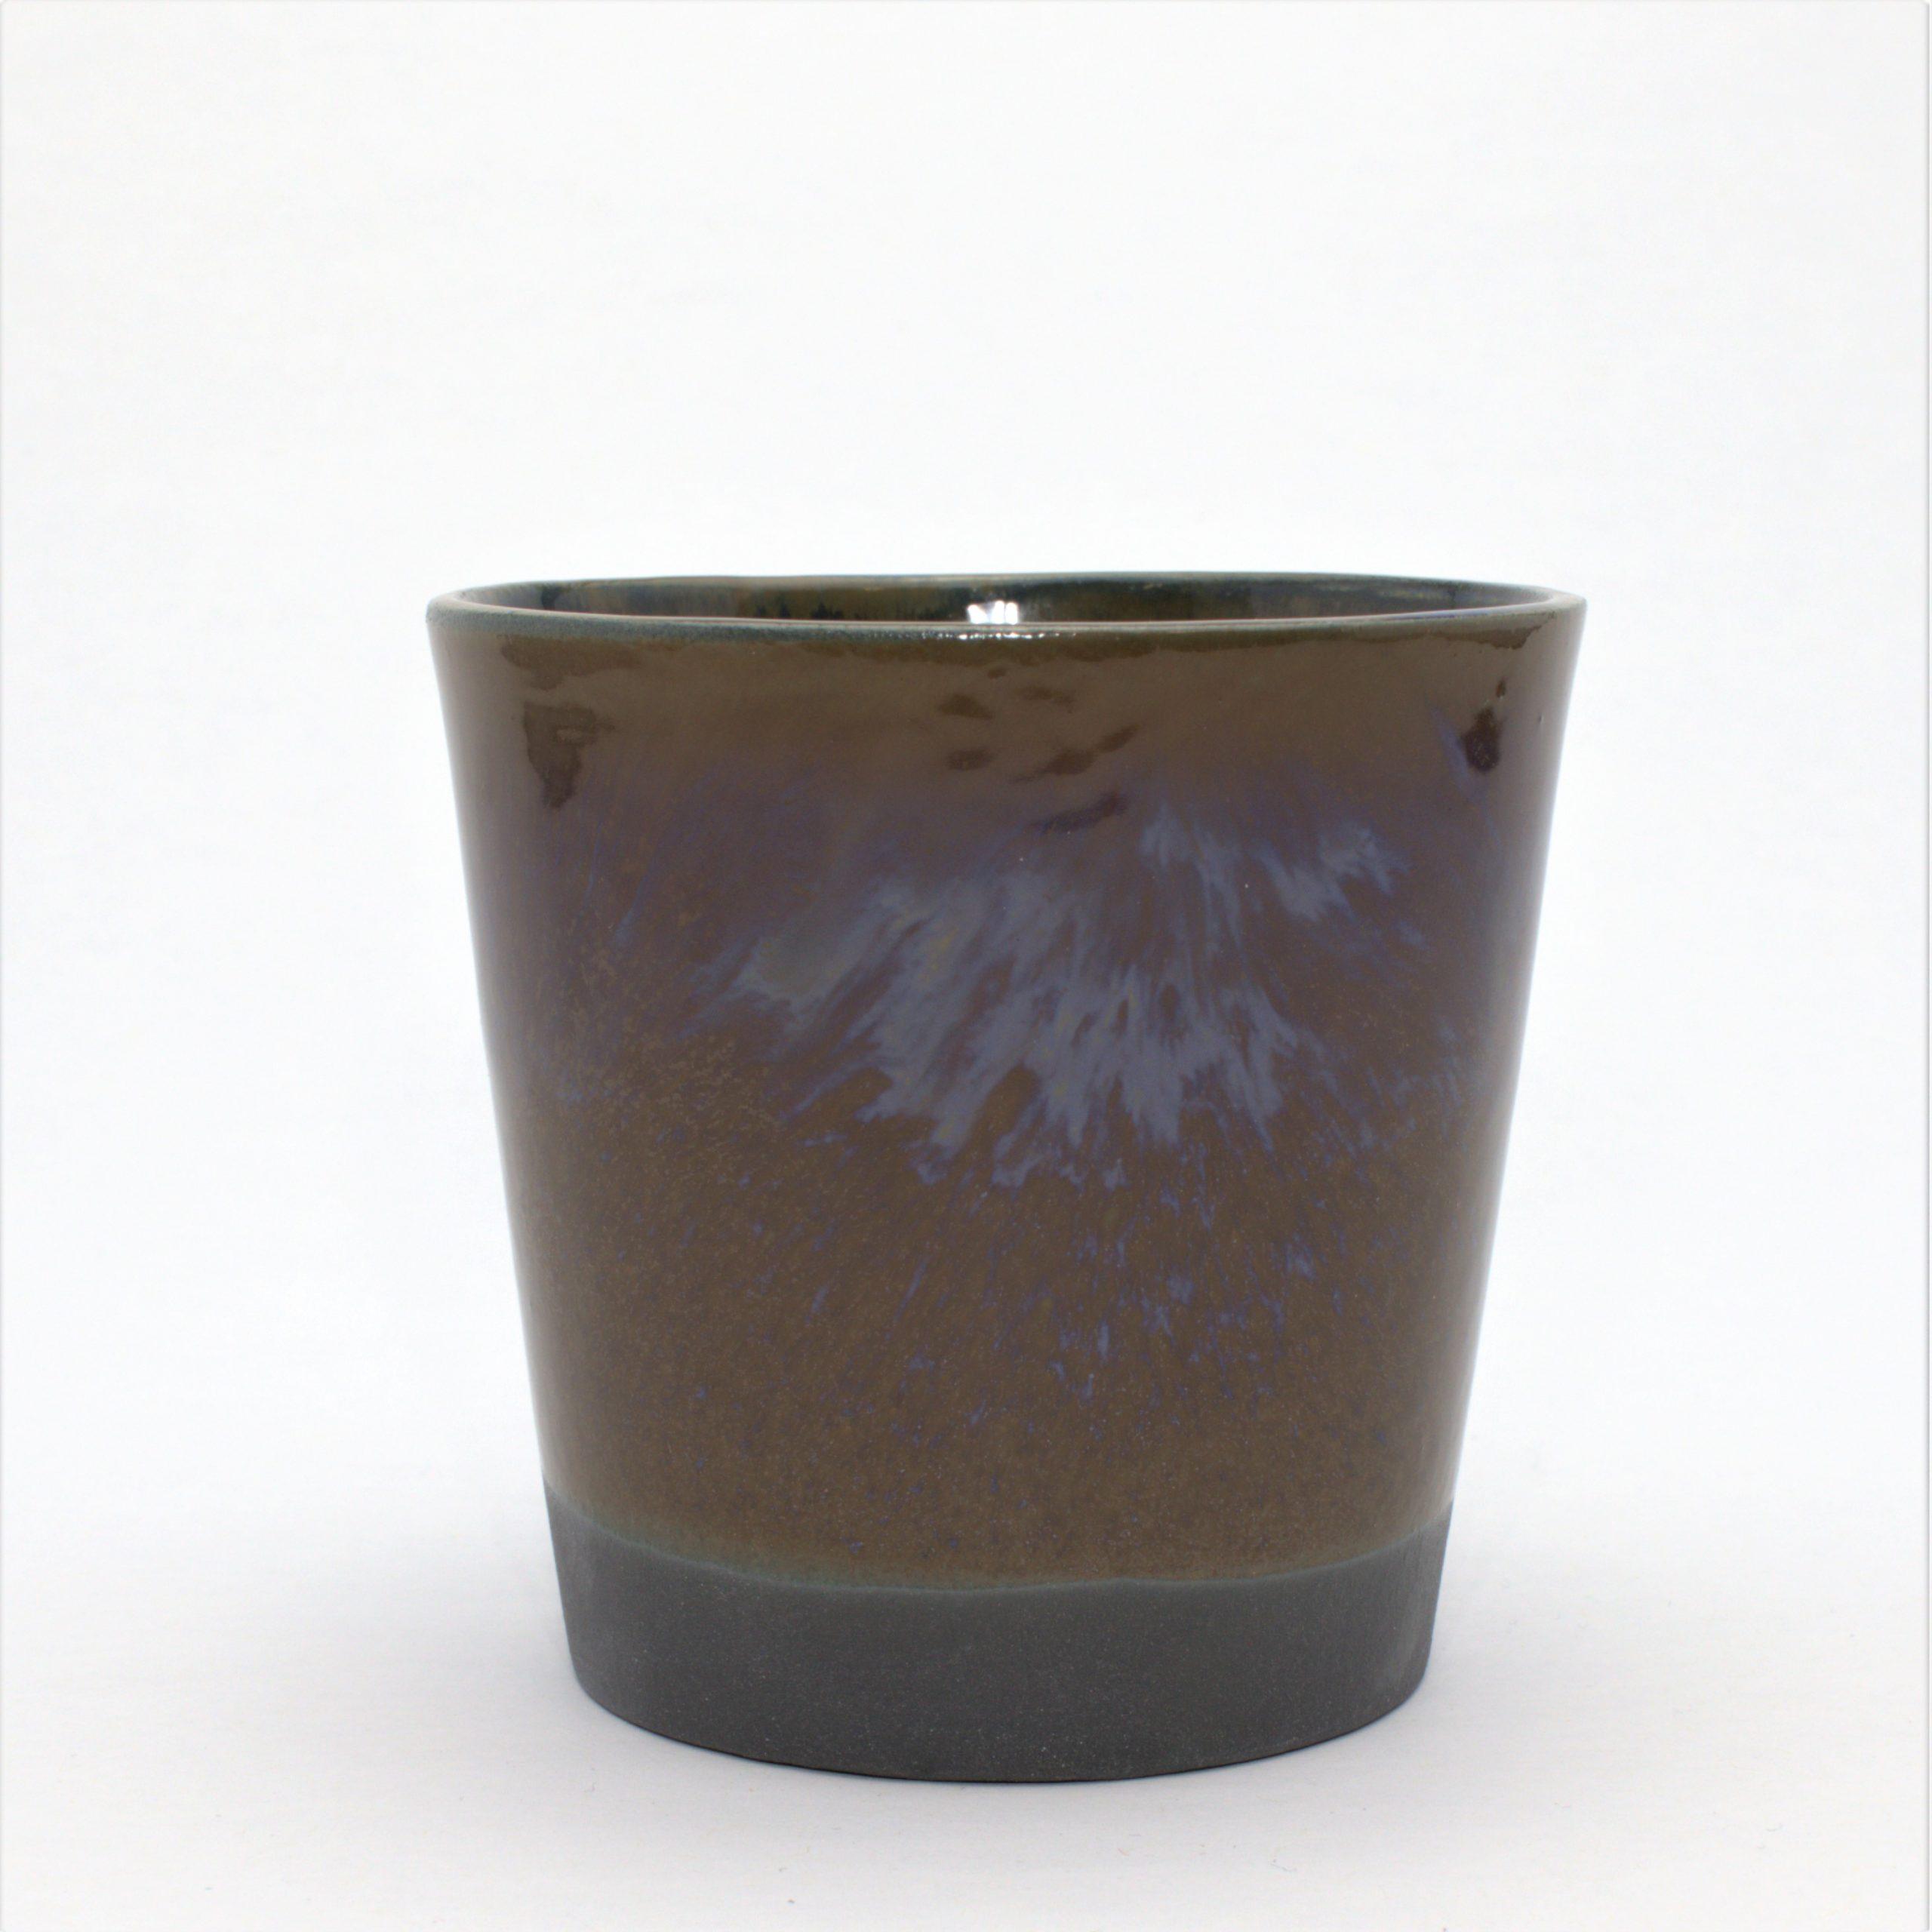 Kaffekop I Sort Ler Med Blå/brun Glasur